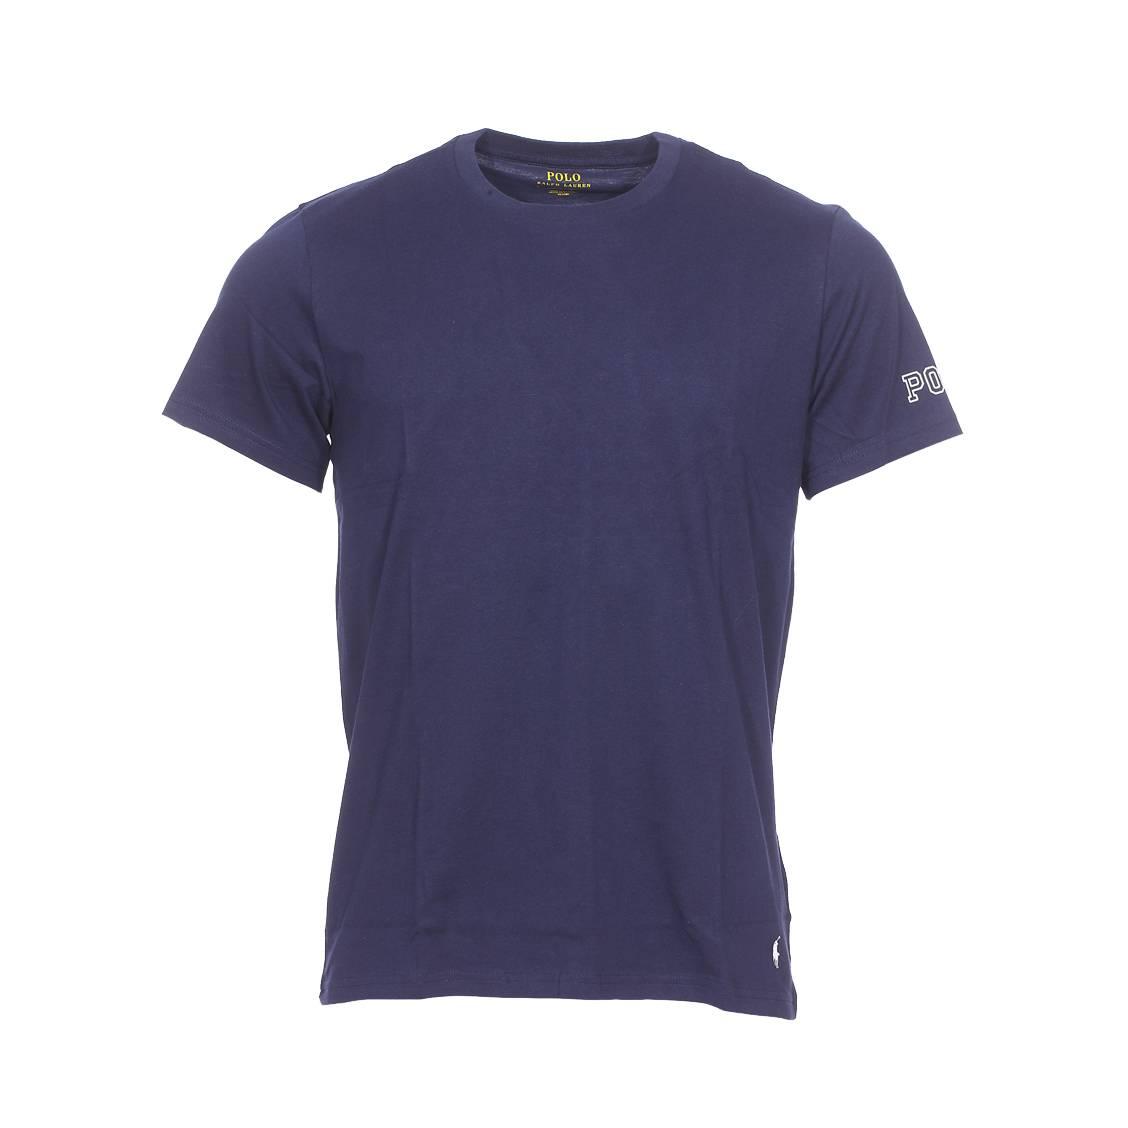 Tee-shirt col rond  en coton stretch bleu marine floqué sur la manche